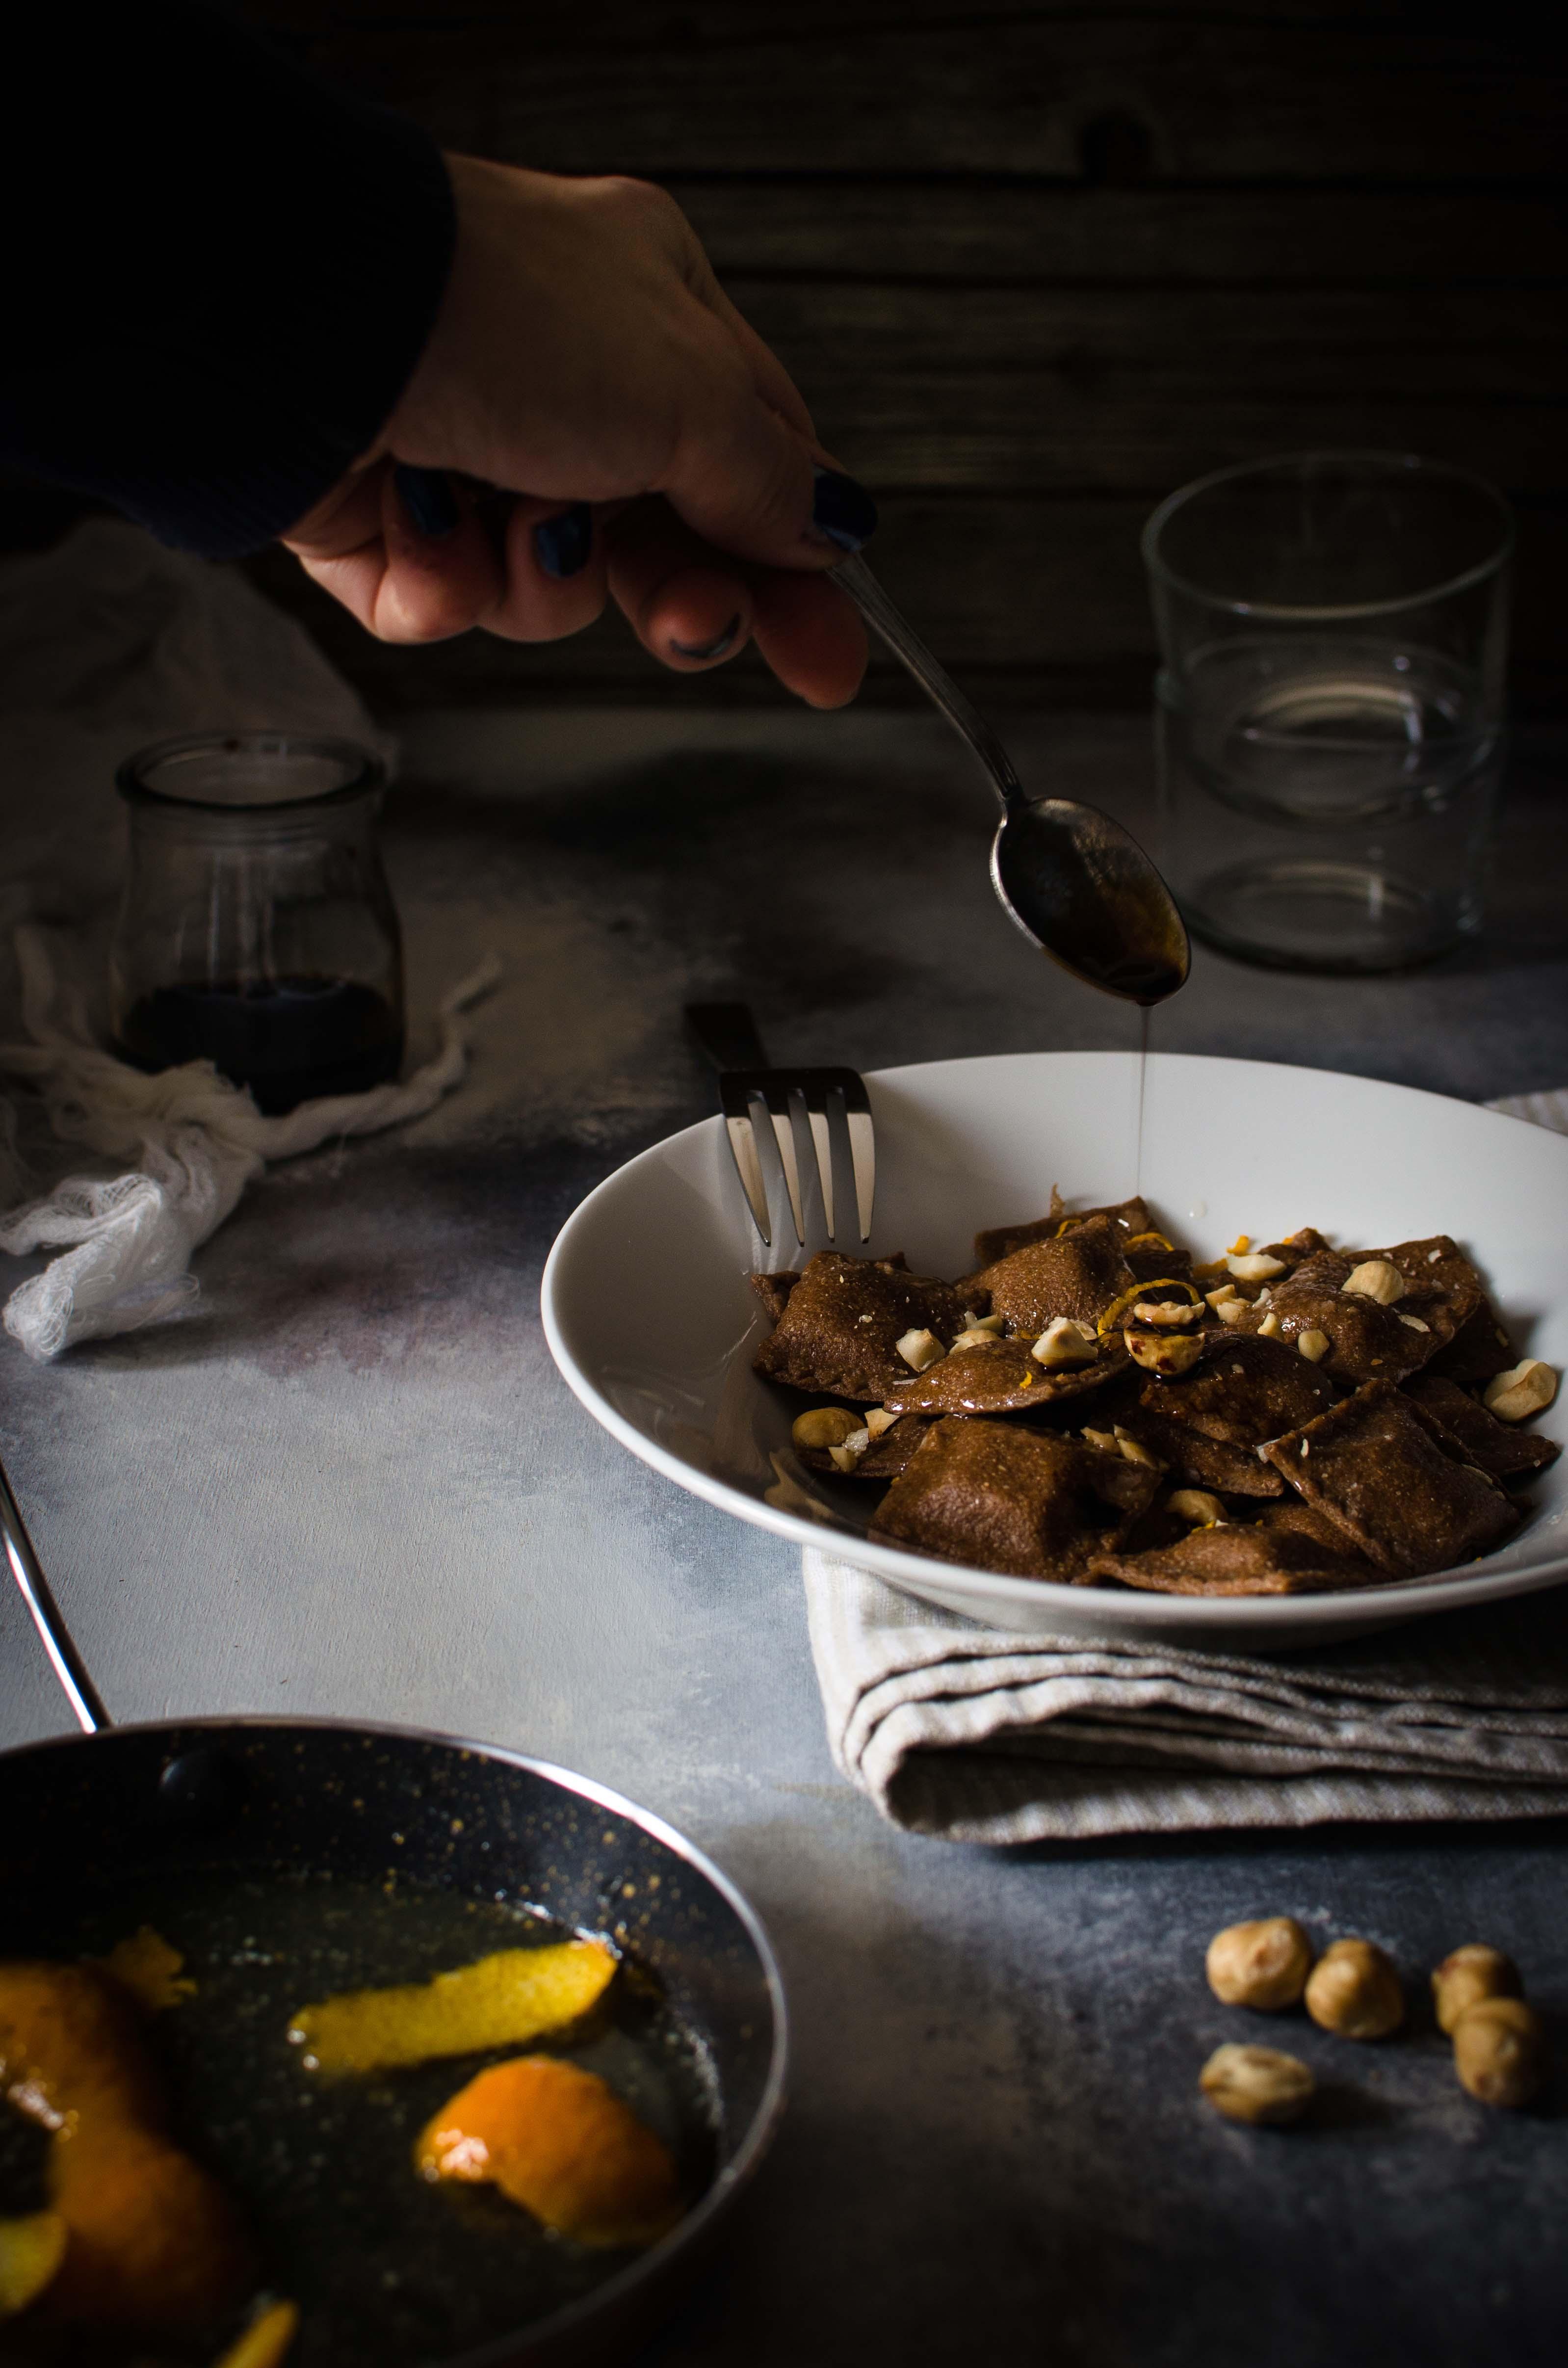 ravioli-arancia-nocciole Ravioli al cacao, ricotta di capra, miele e nocciole